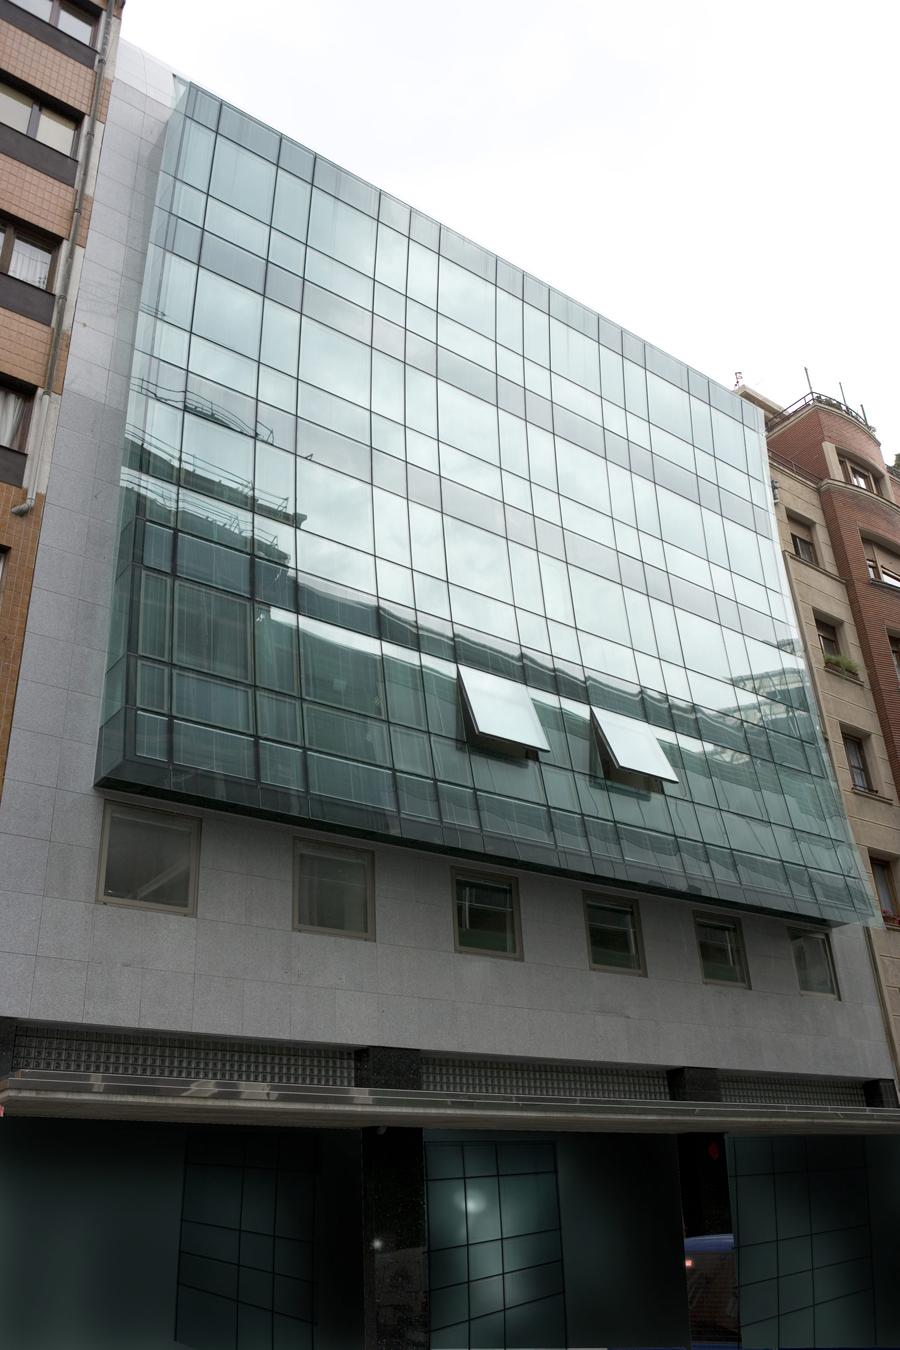 Ofertas apartamentos turisticos edificio santiago en bilbao precios baratos - Apartamentos en bilbao baratos ...